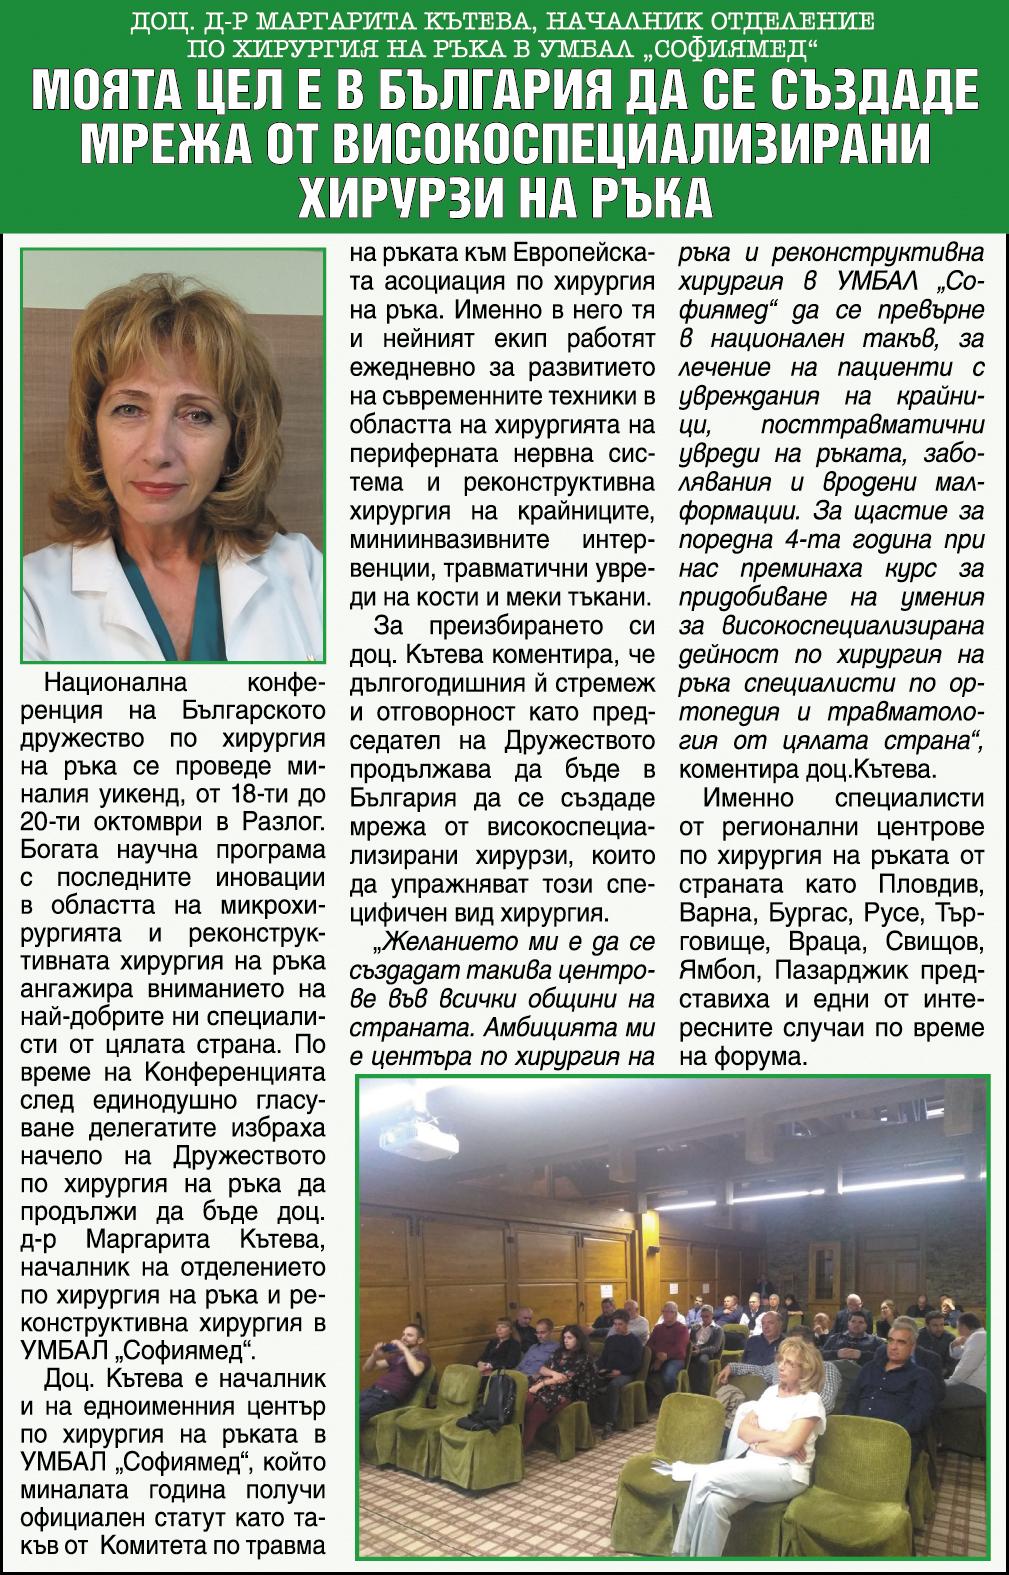 Моята цел е в България да се създаде мрежа от високоспециализирани хирурзи на ръка